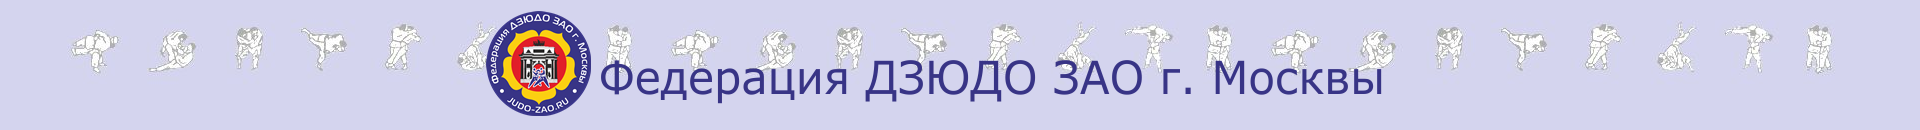 ФД ЗАО г. Москвы